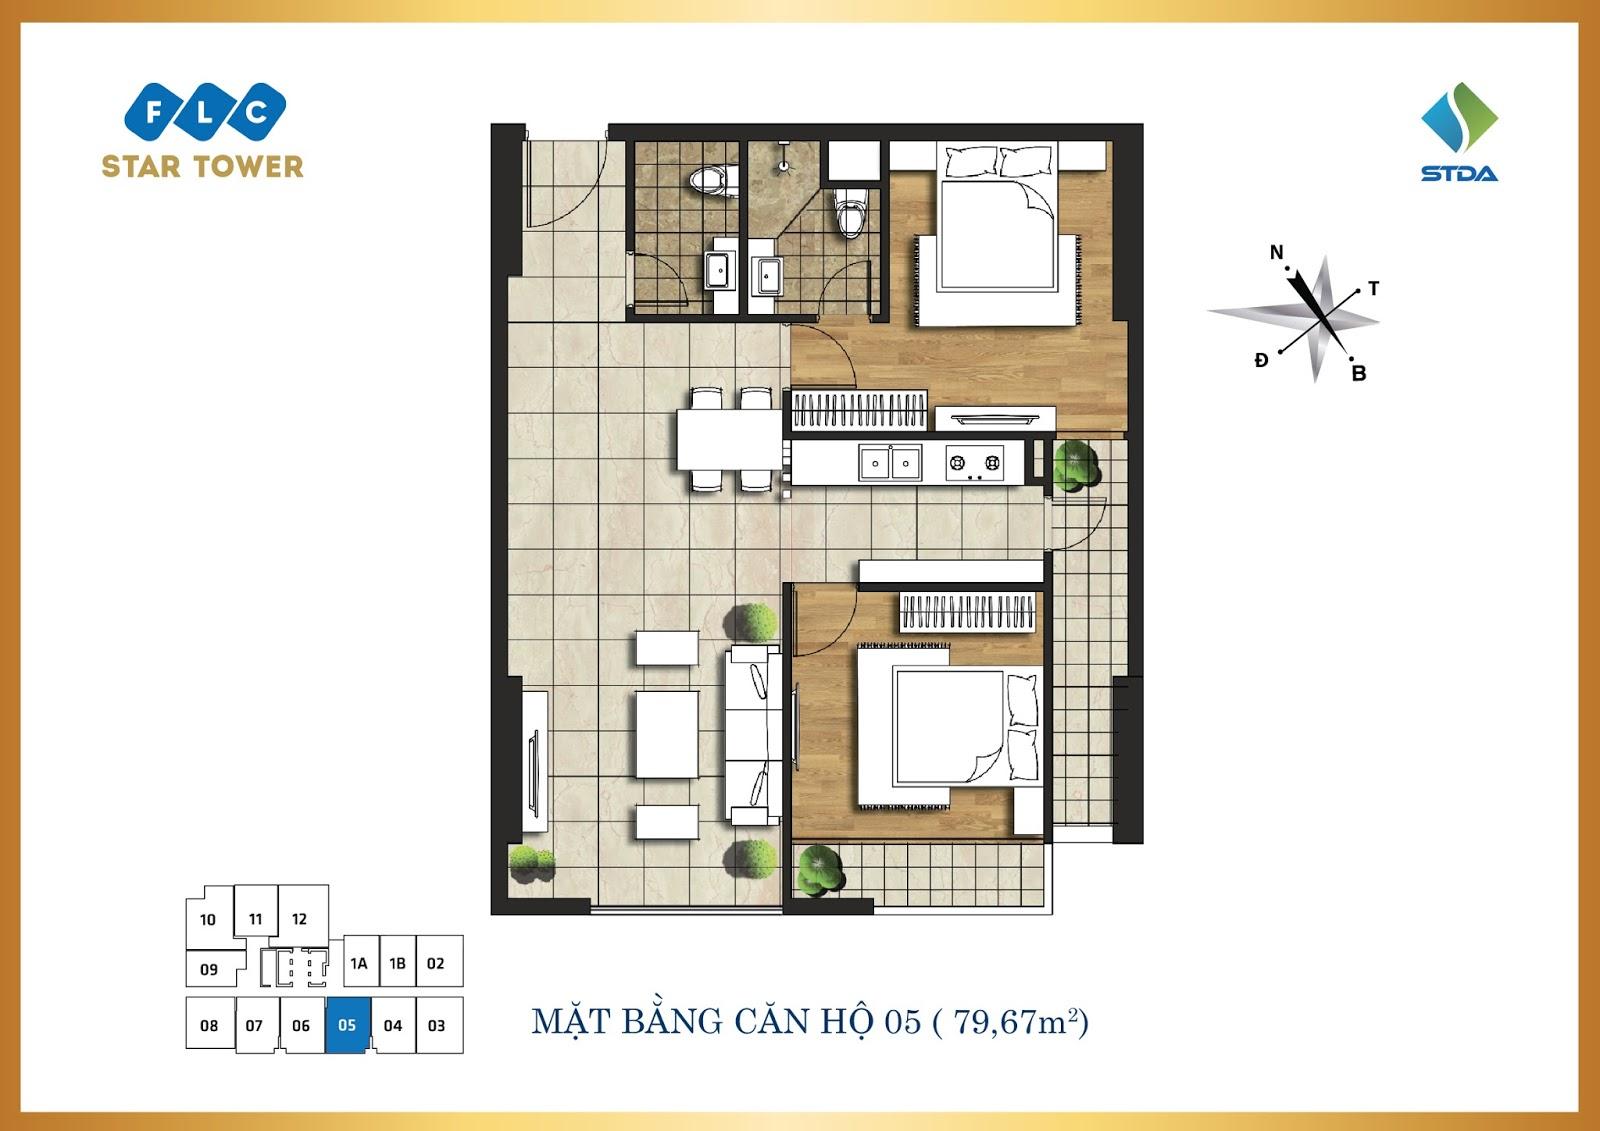 Thiết kế căn hộ số 5 - Chung cư FLC Star Tower